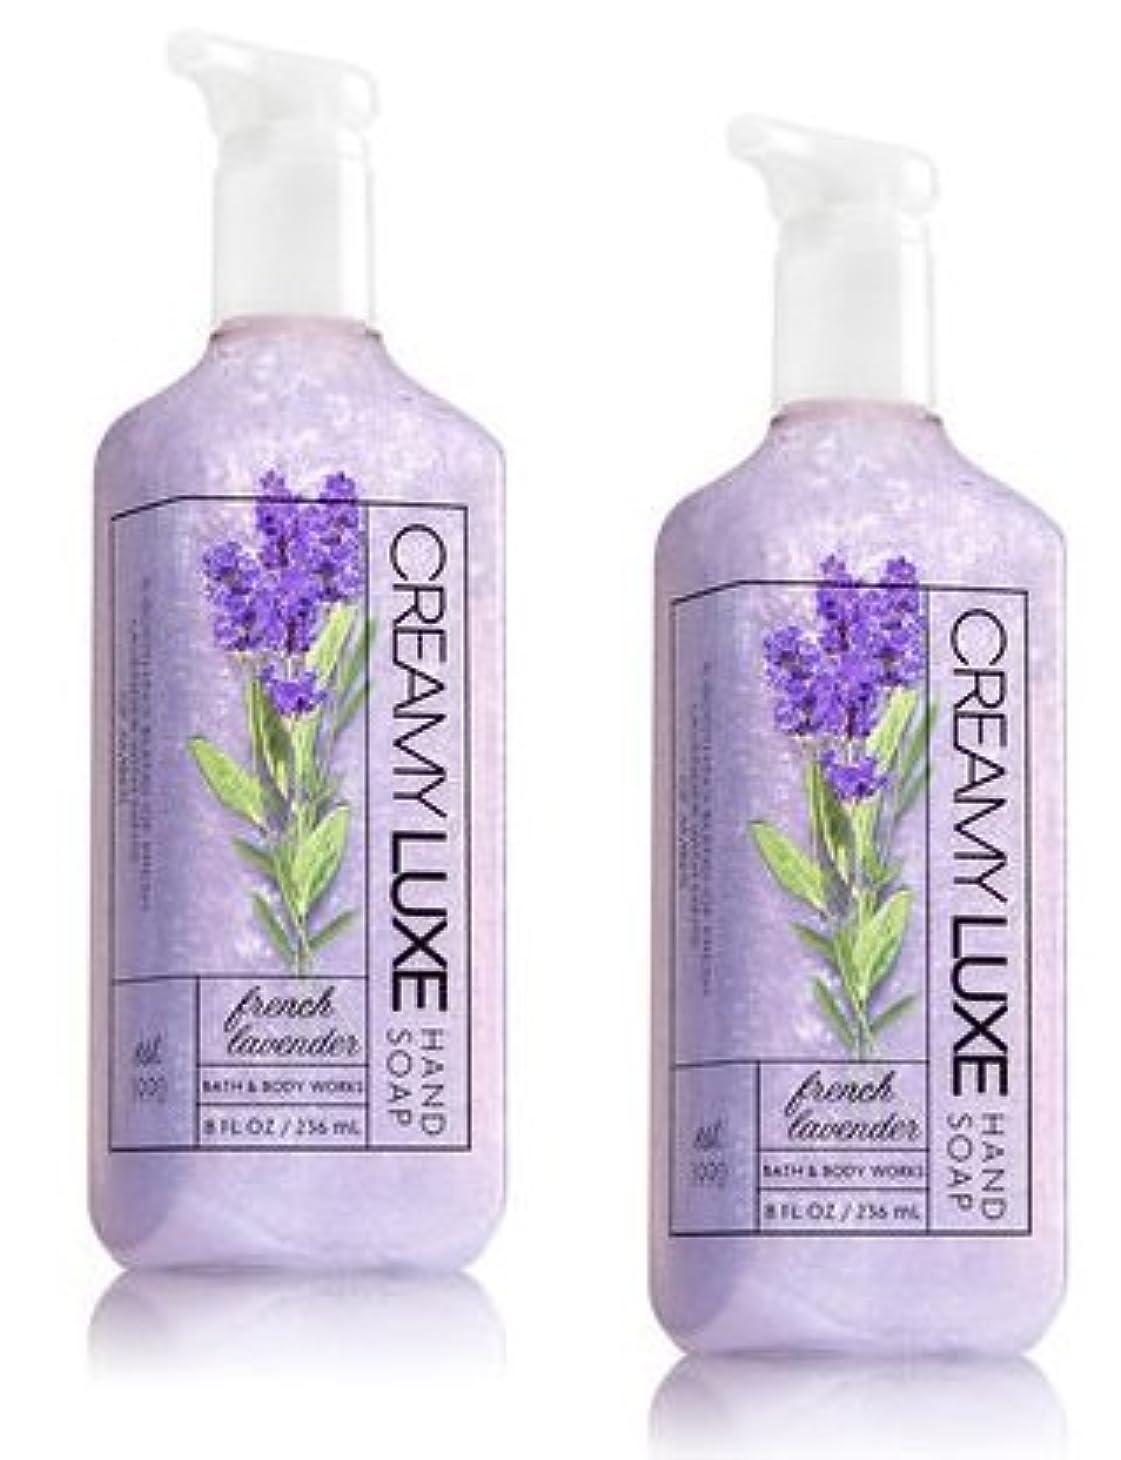 アトム電話アレイBath & Body Works フレンチラベンダー クリーミー リュクス ハンドソープ 2本セット French Lavender Creamy Luxe Hand Soap. 8 oz [並行輸入品]